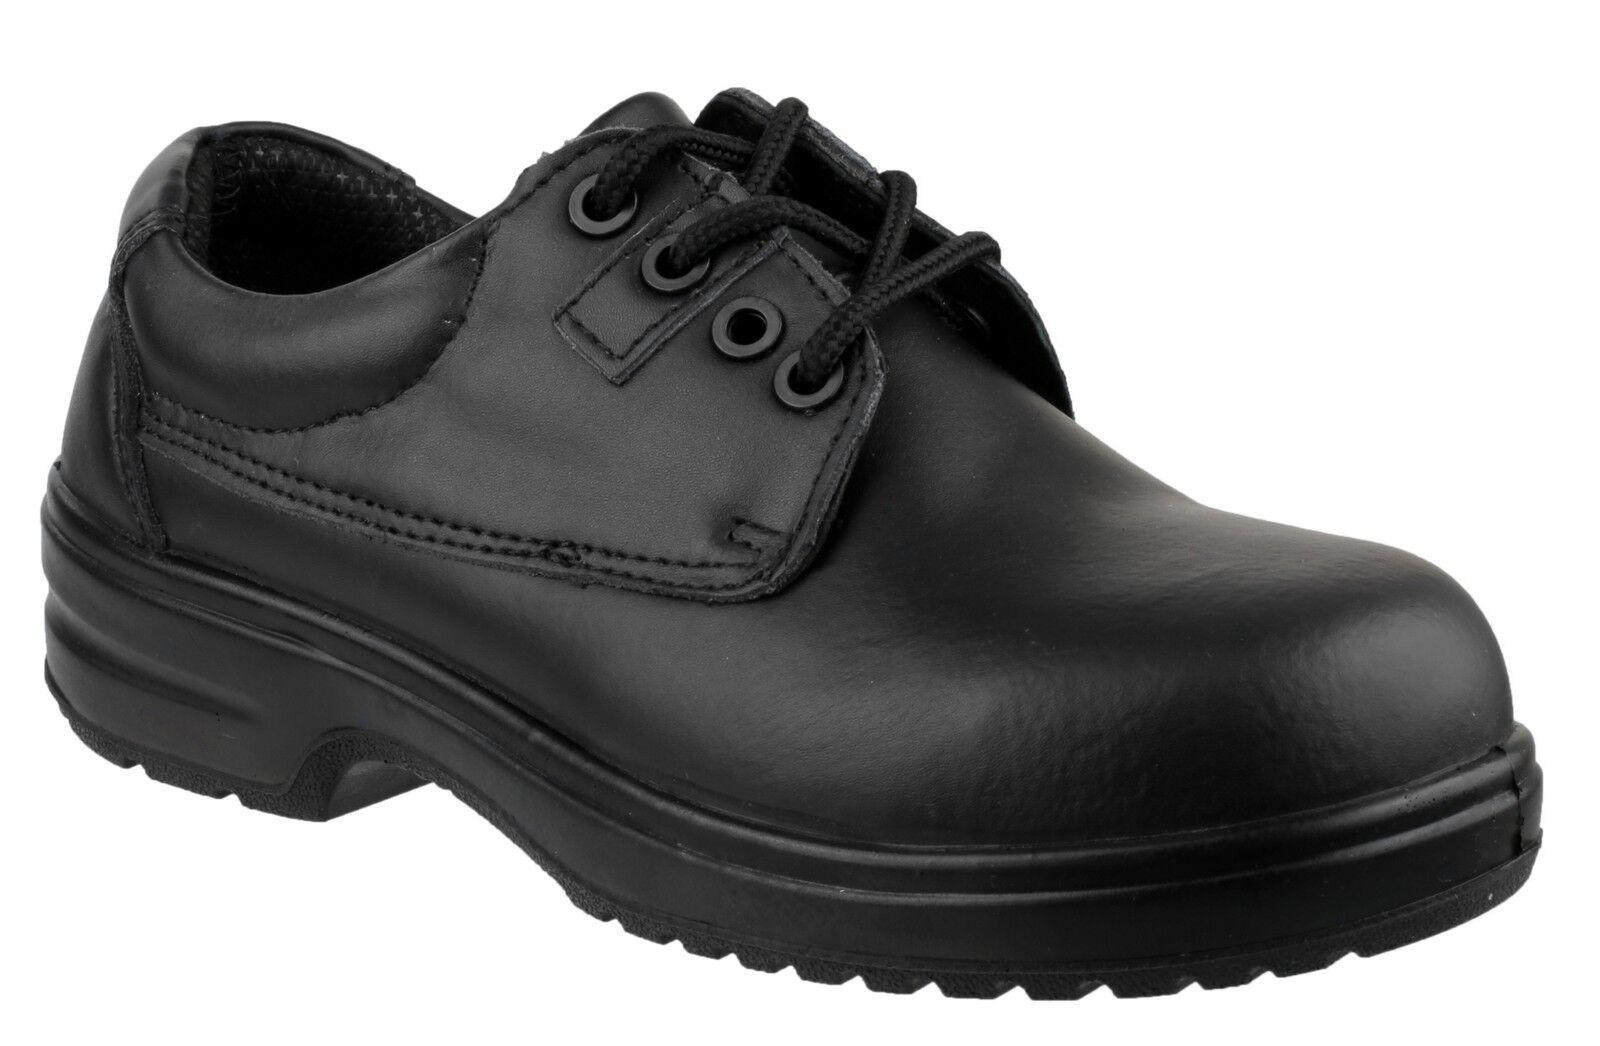 Amblers Safety femmes Lacets Composite chaussures noir Différentes Tailles FS121C